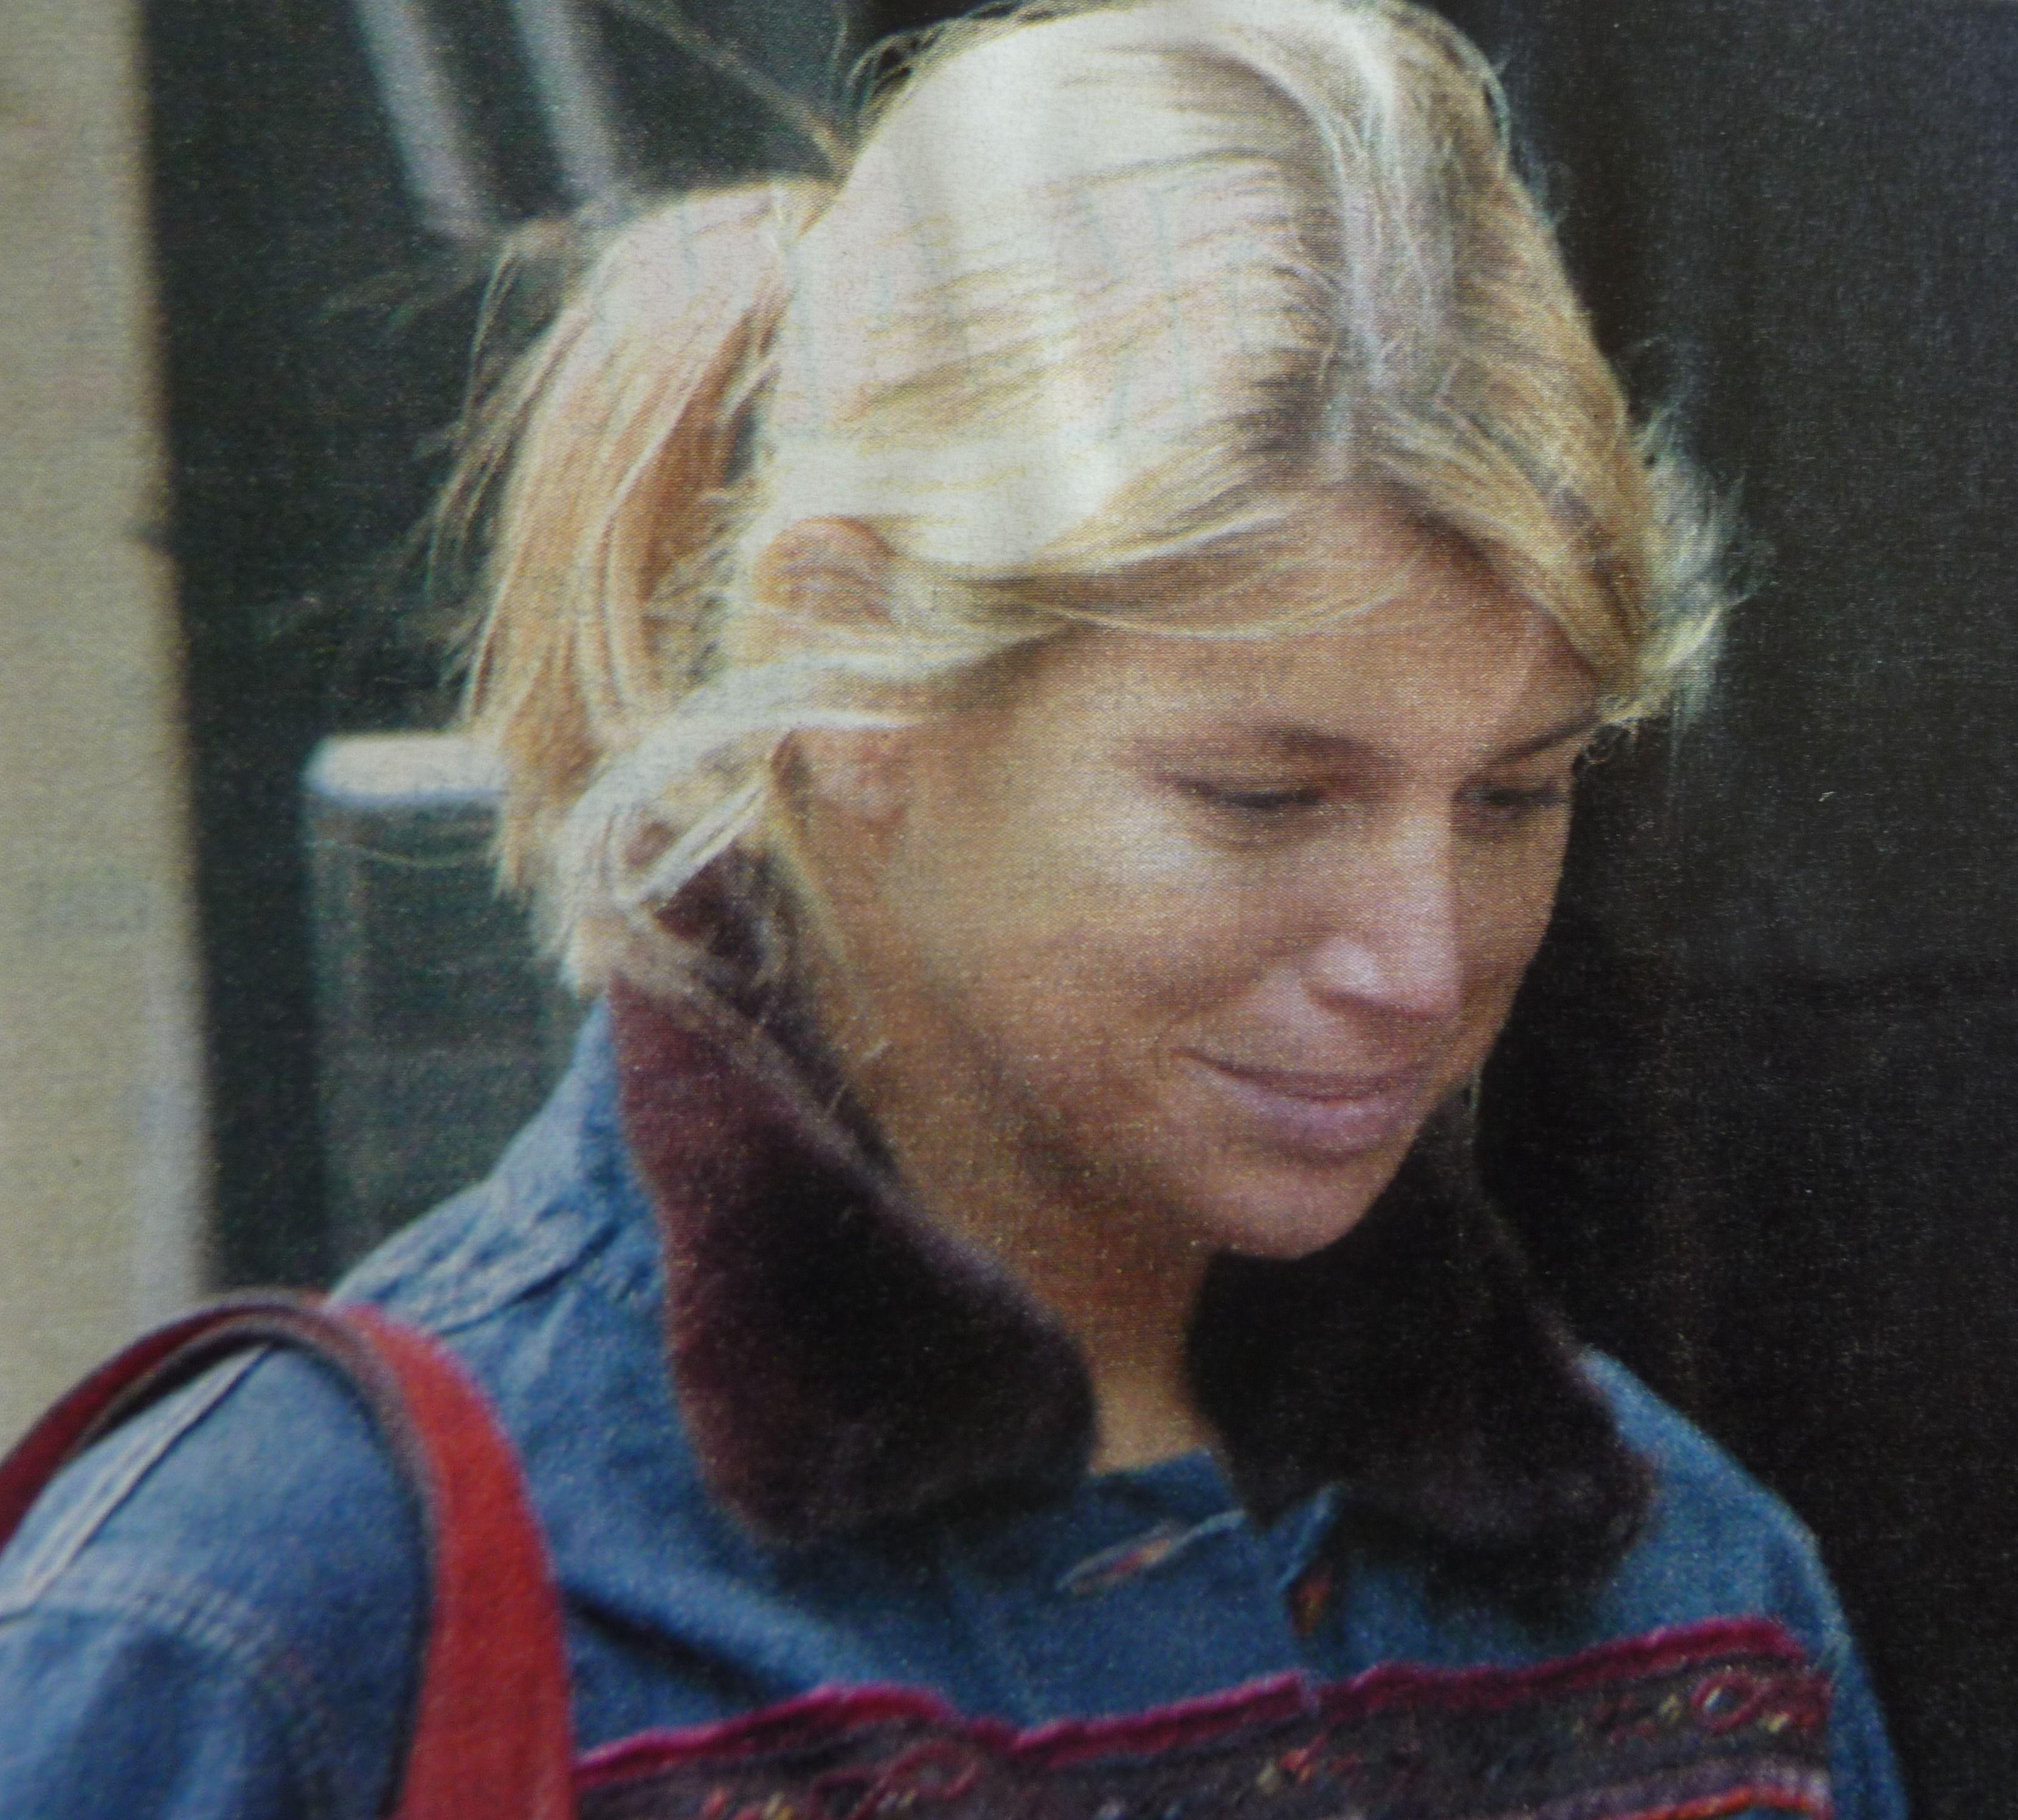 Maxima In 2002 Incognito Op Straat Zonder Al Te Veel Make Up En Haar Haren Eenvoudig In Een Staartje Dit Is Niet De Glamou Oranje Huis Koningin Maxima Mensen